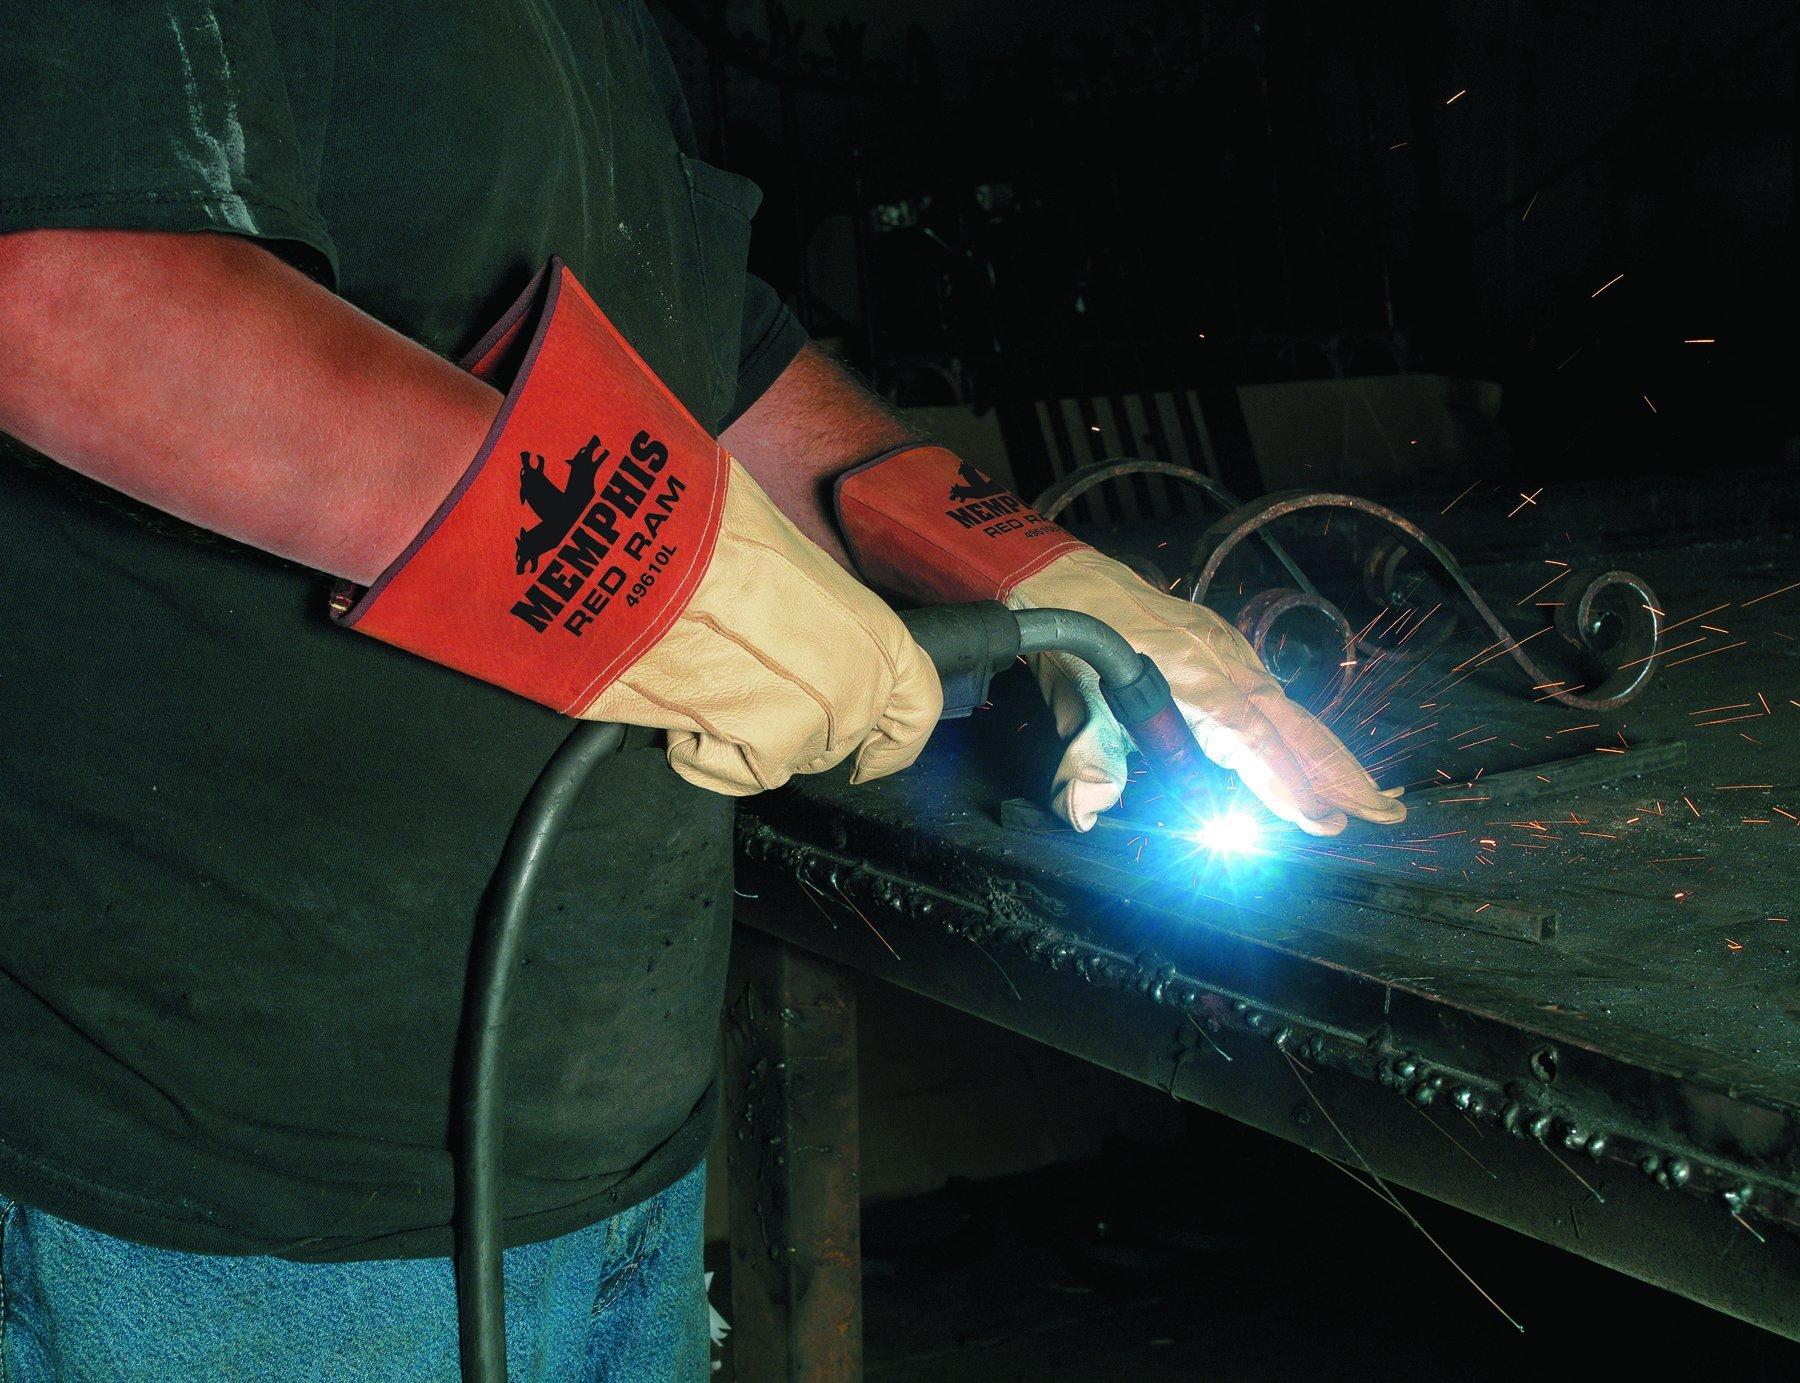 MCR Safety 49610L Red Ram Grain Pigskin MIG/TIG Welder Gloves with 4-Inch Gauntlet Split Pig Cuff, Cream, Large, 1-Pair by MCR Safety (Image #2)